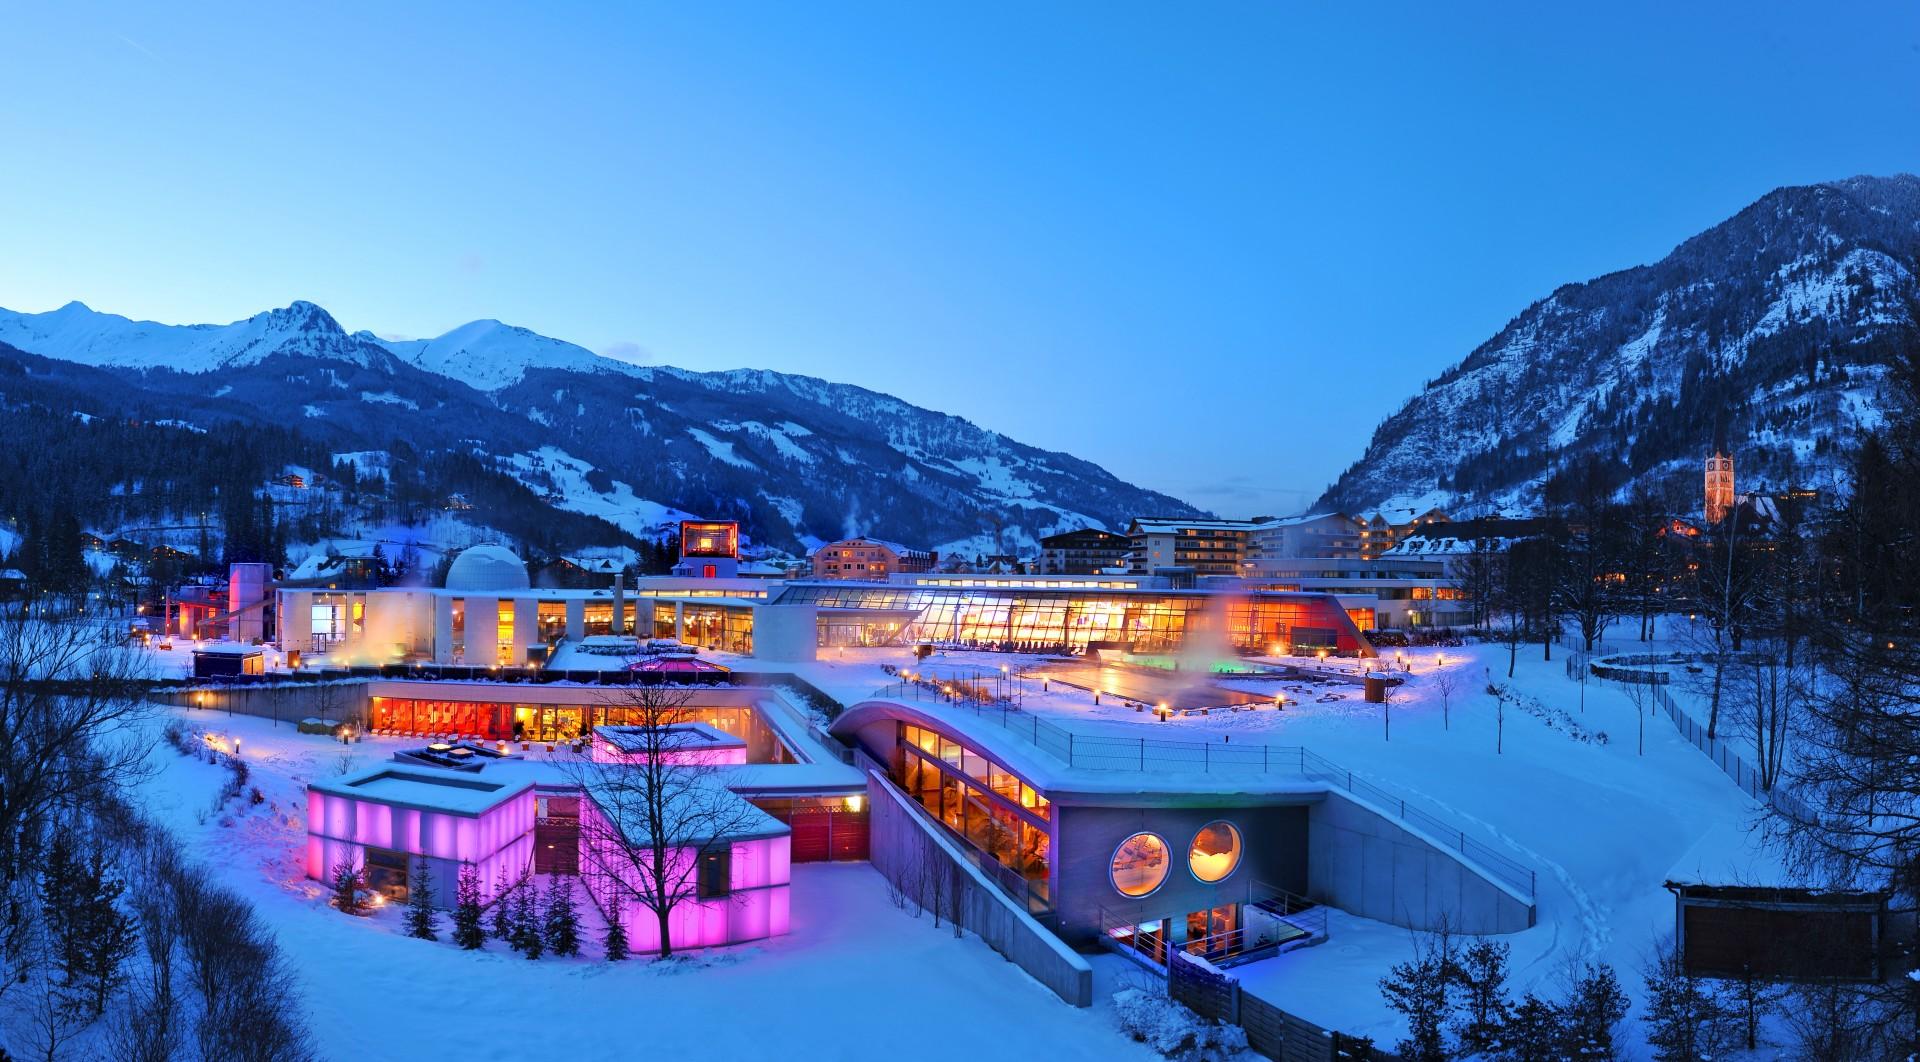 Hotel winkler bad hofgastein stars in gastein